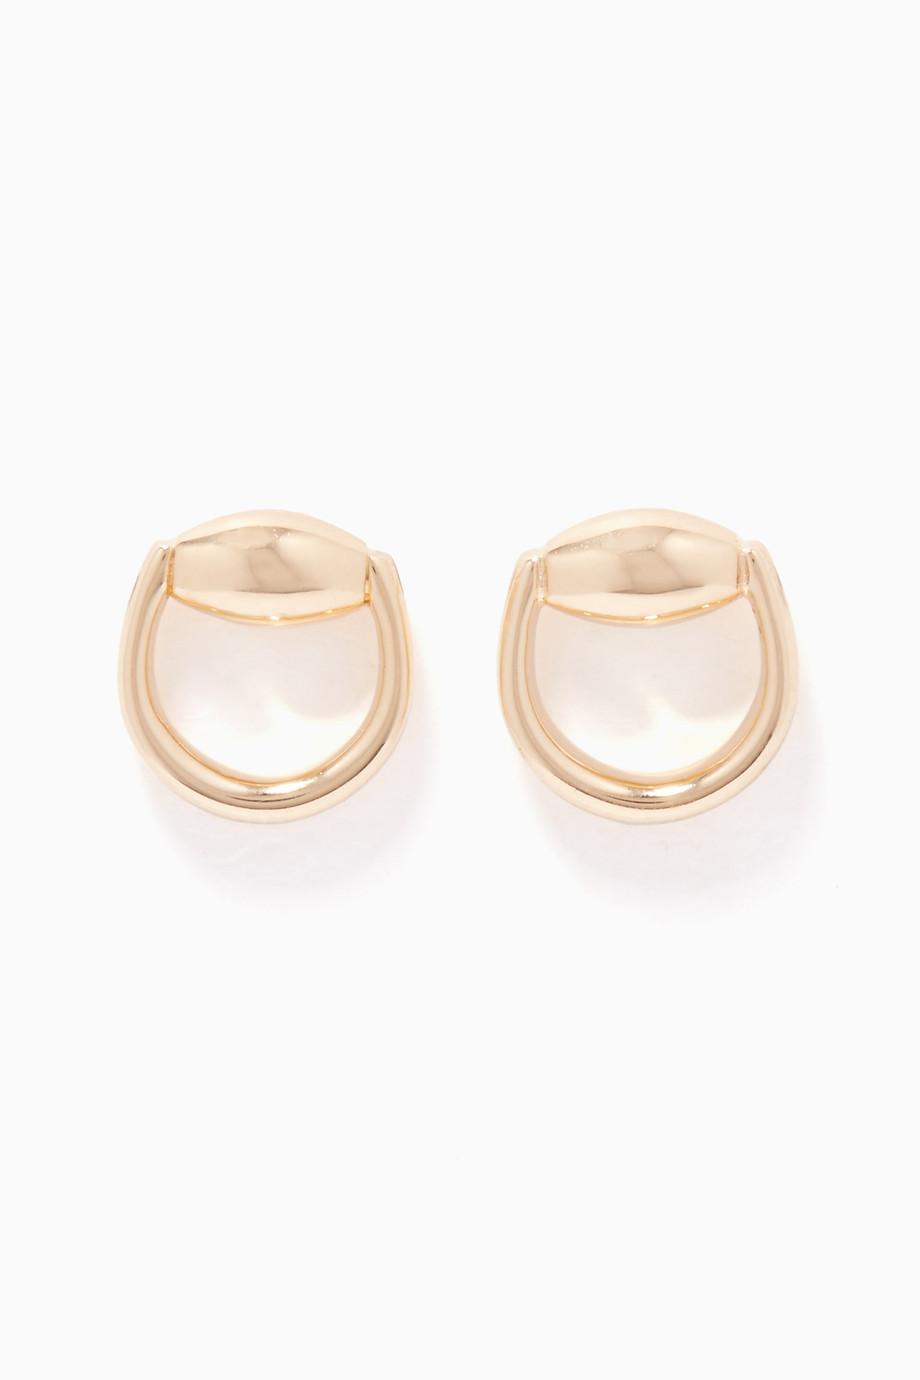 cf8deb462 Shop Gucci Yellow Yellow-Gold Horsebit Stud Earrings for Women ...